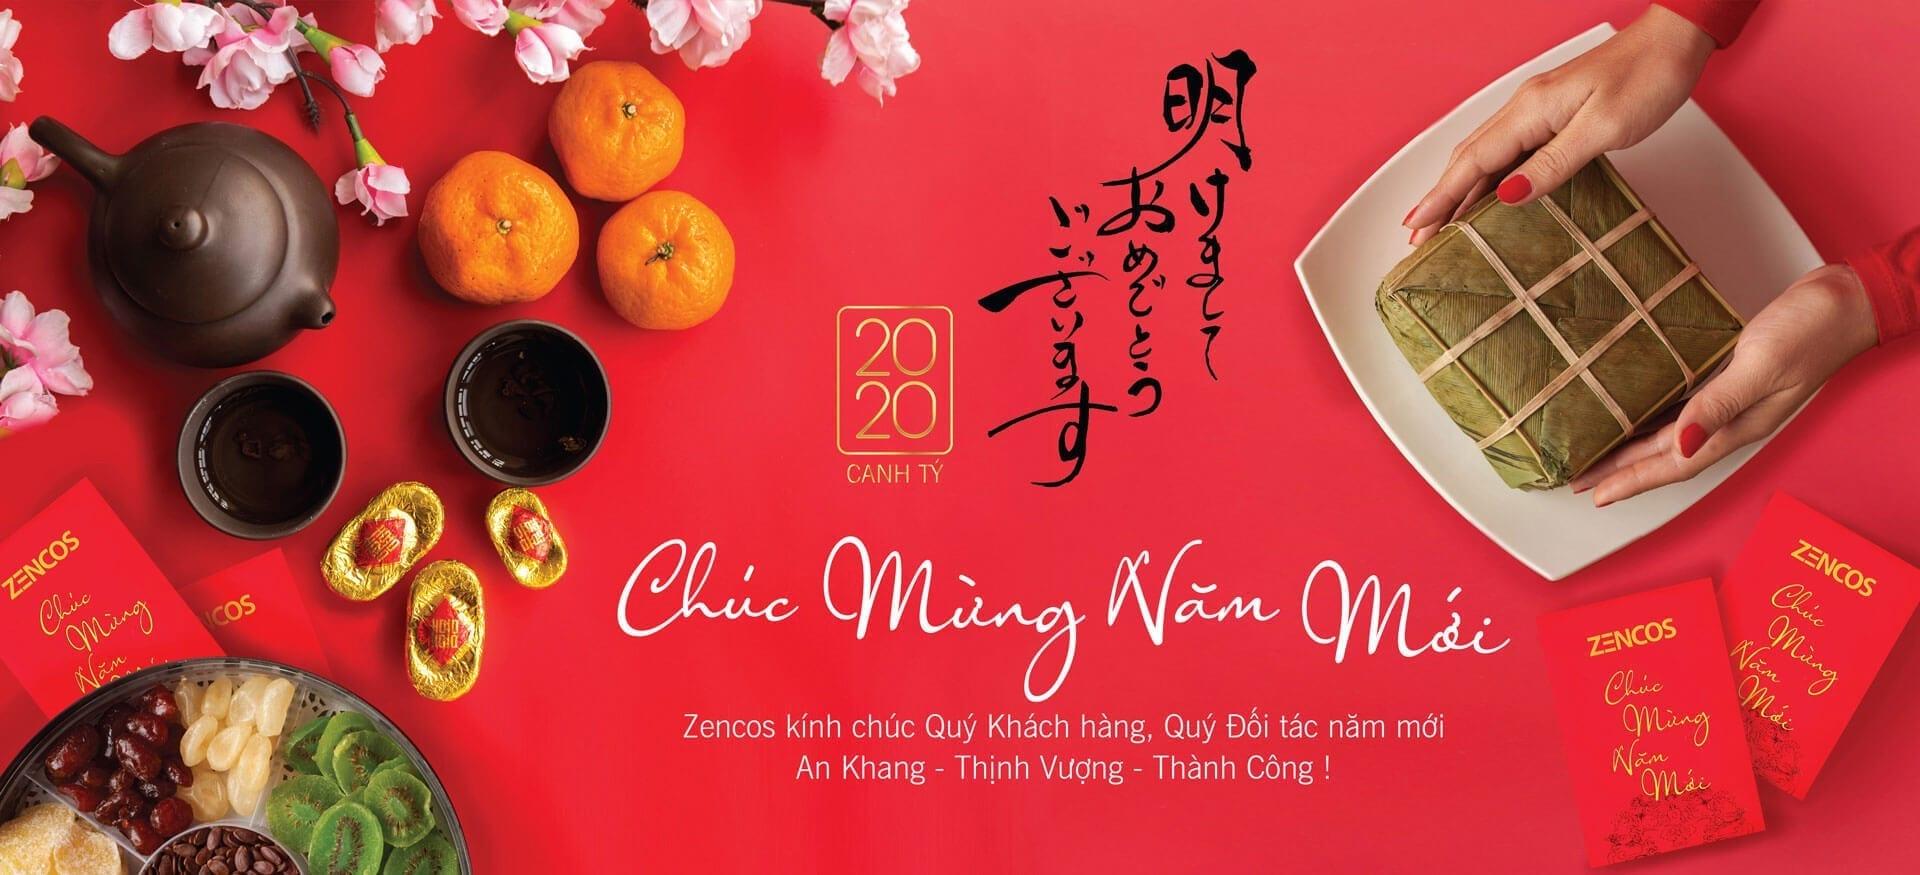 Chúc mừng tết dương lịch Zencos Việt Nam